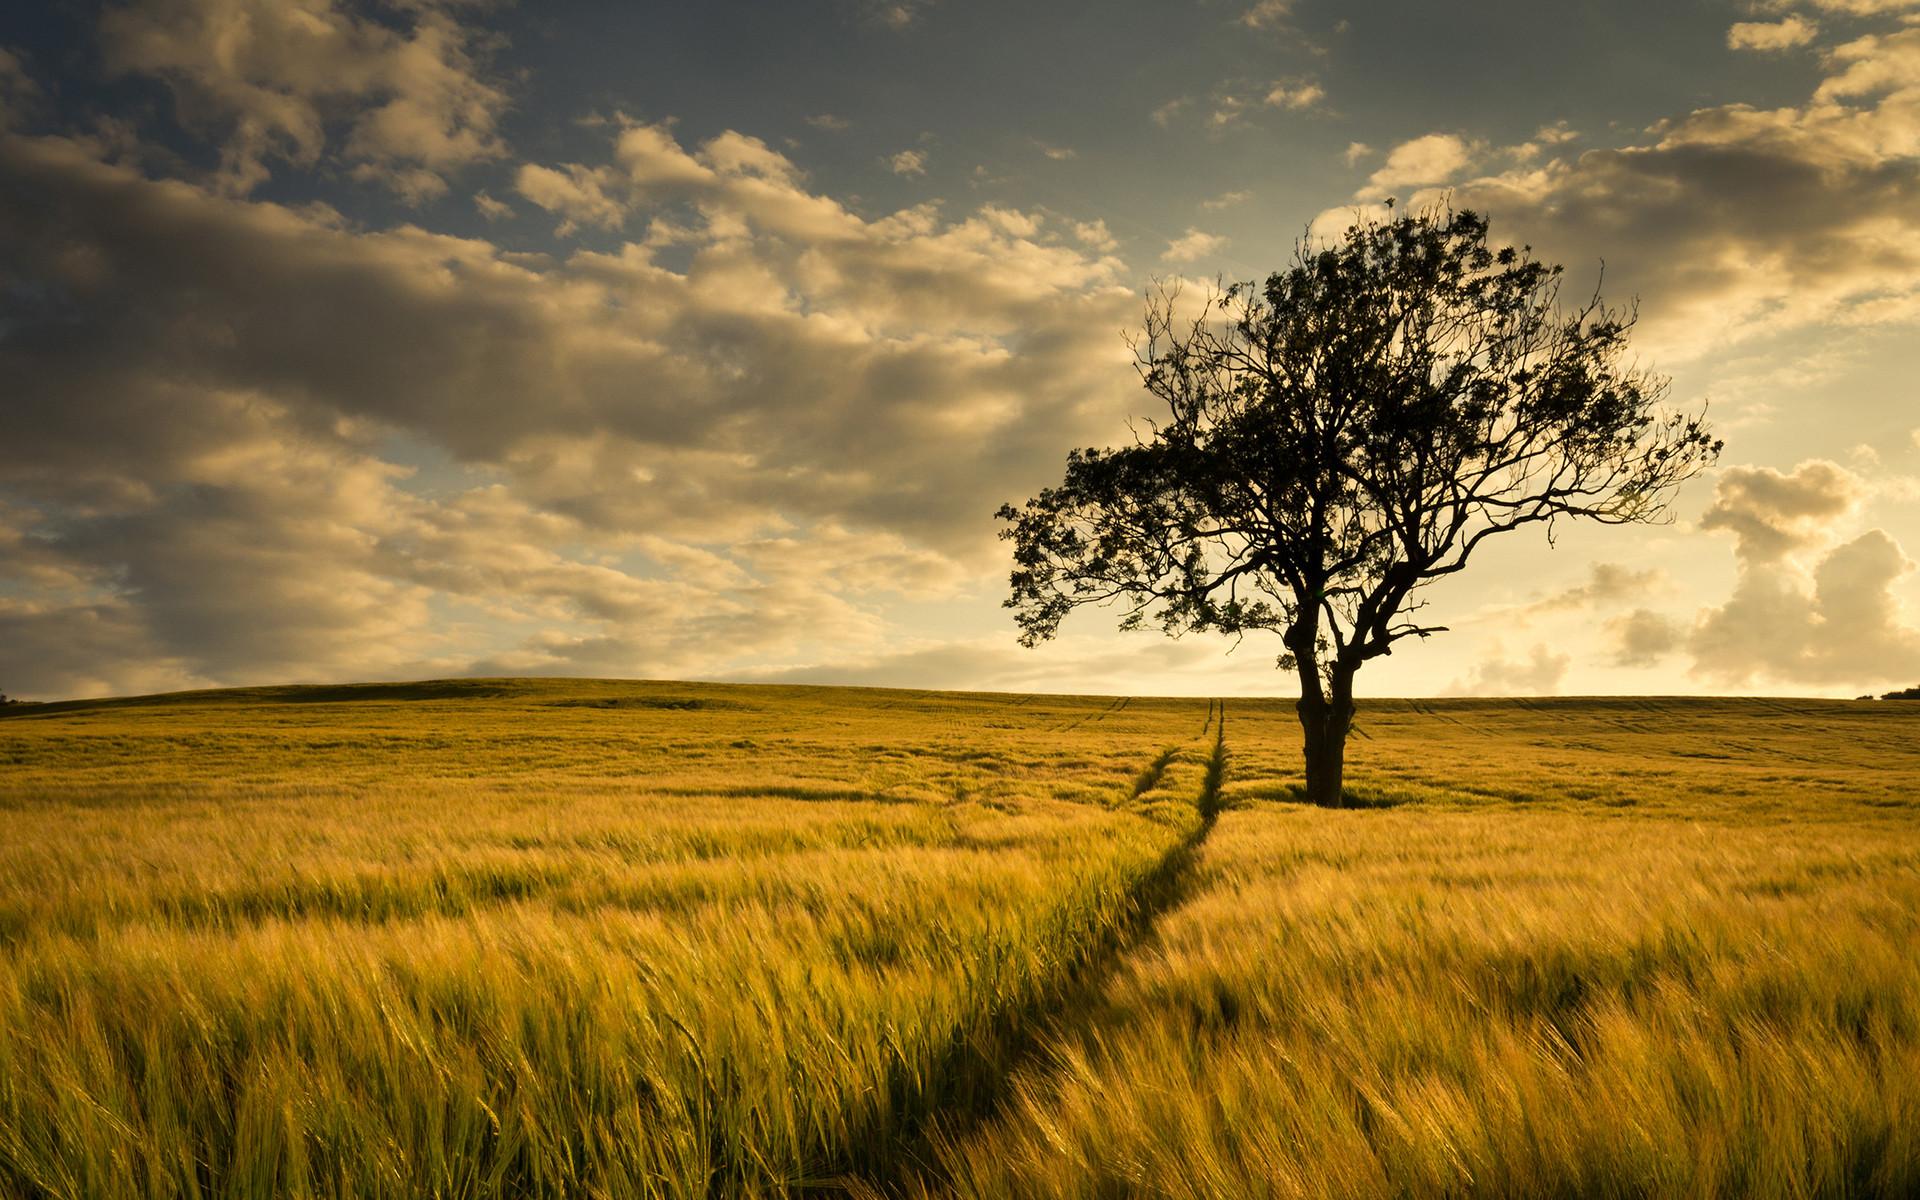 Big Tree Farm Field HD Desktop Wallpaper, Background Image